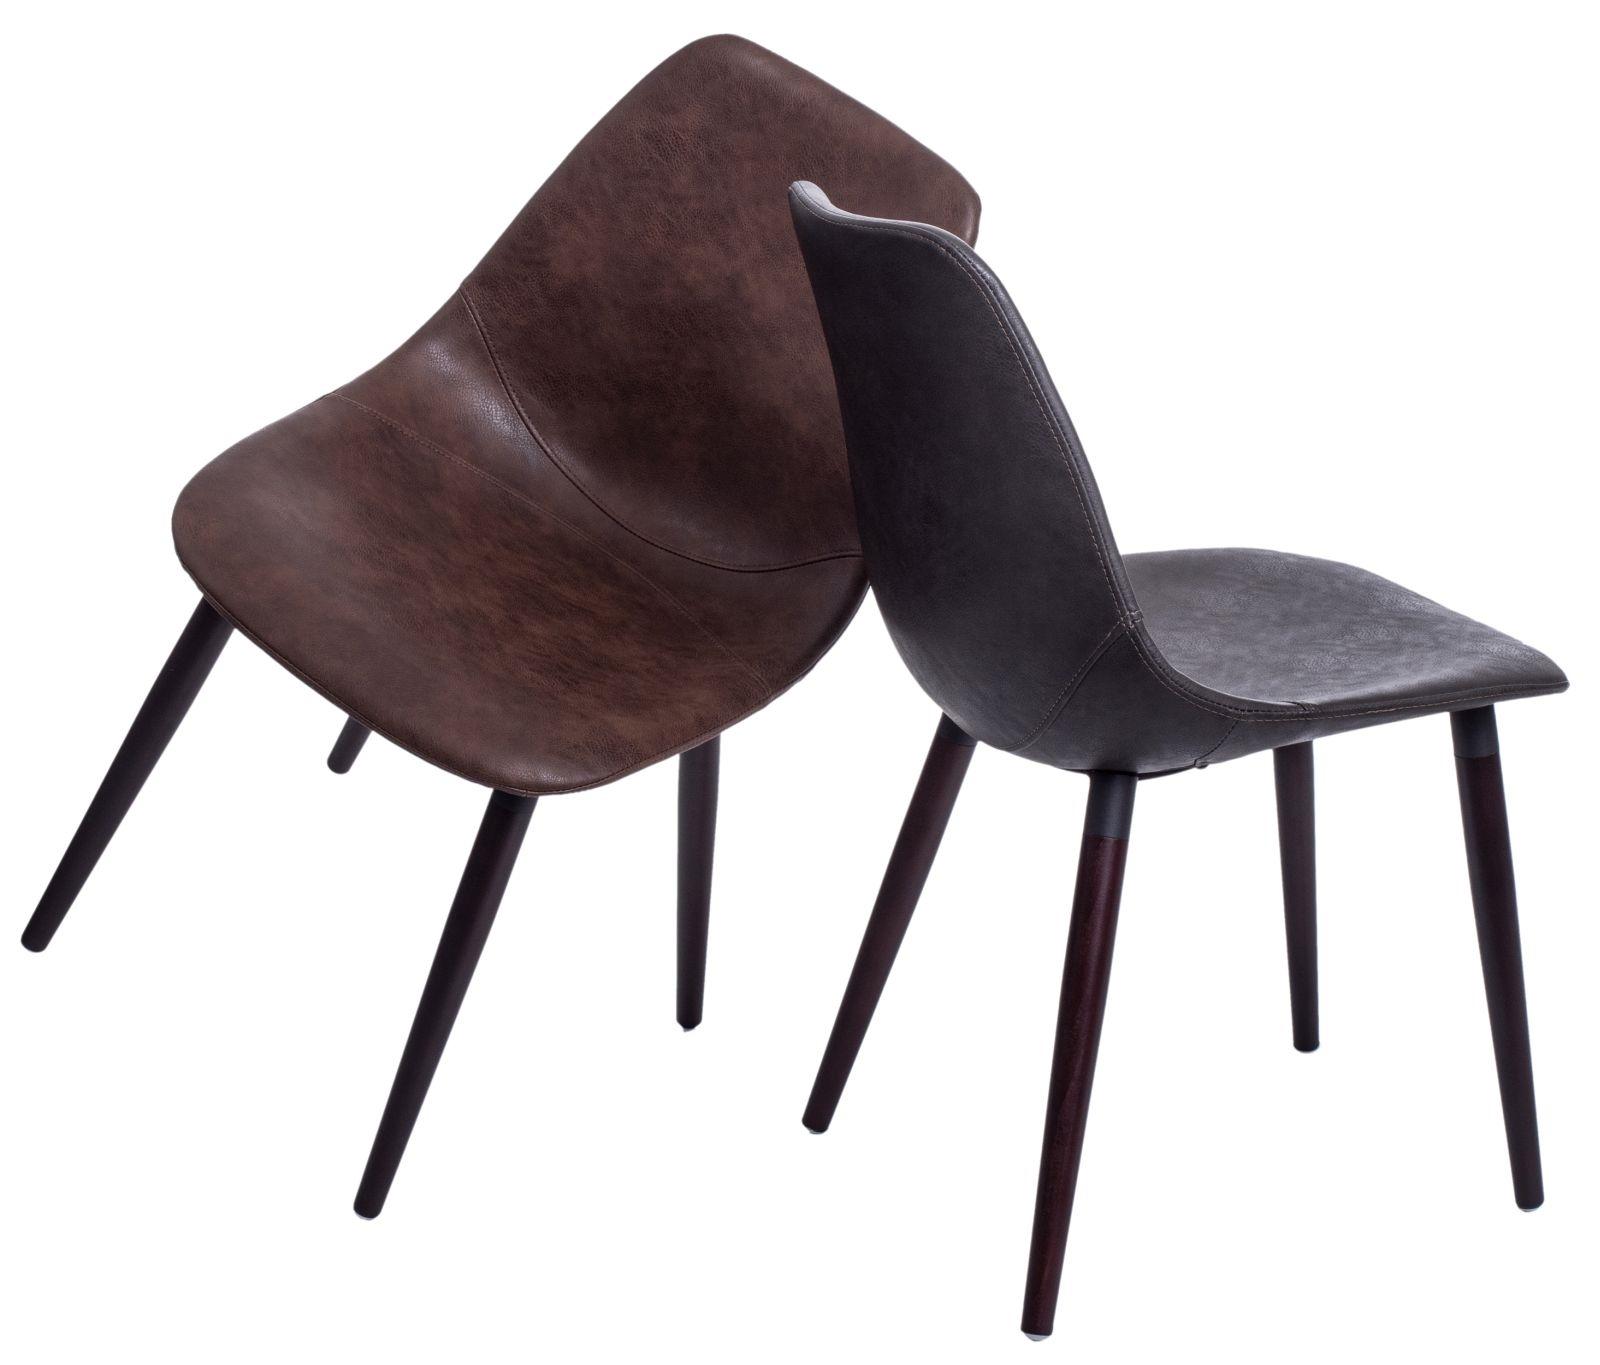 Oryginał Krzesło Vincent W ekoskóra Meble-Bocian - Internetowy sklep meblowy IC48